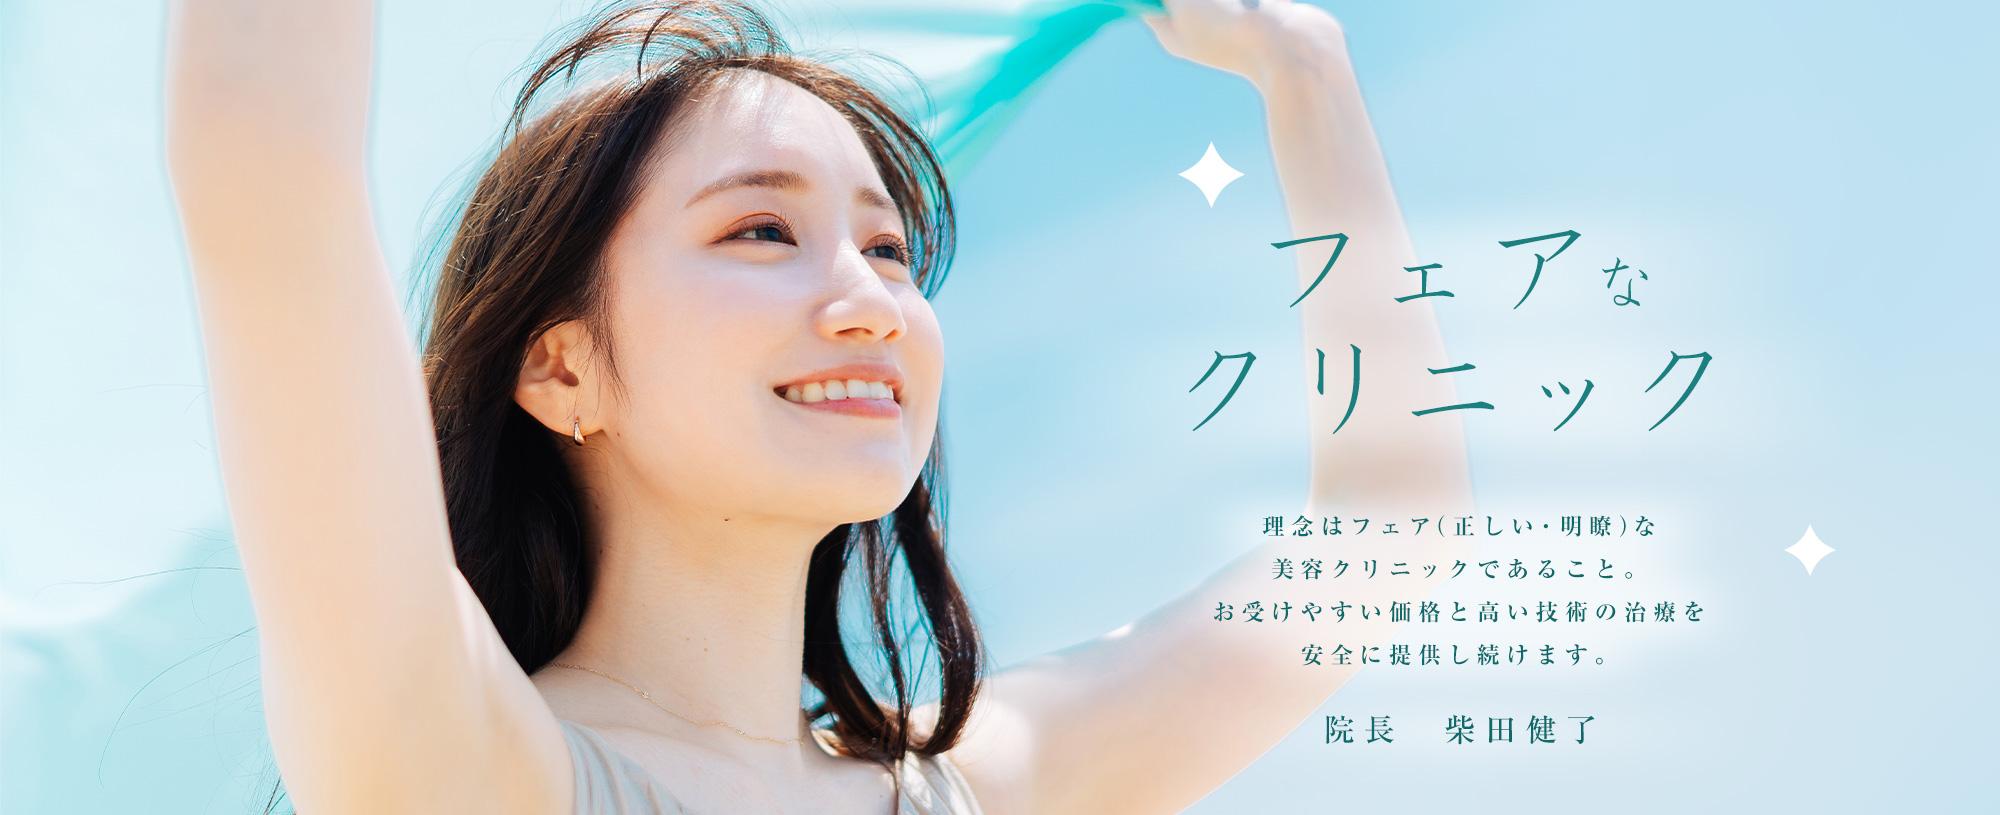 フェアなクリニック 理念はフェア(正しい、明瞭)な美容クリニックであること。お受けやすい価格と高い技術の治療を安全に提供し続けます。 院長 柴田 健了